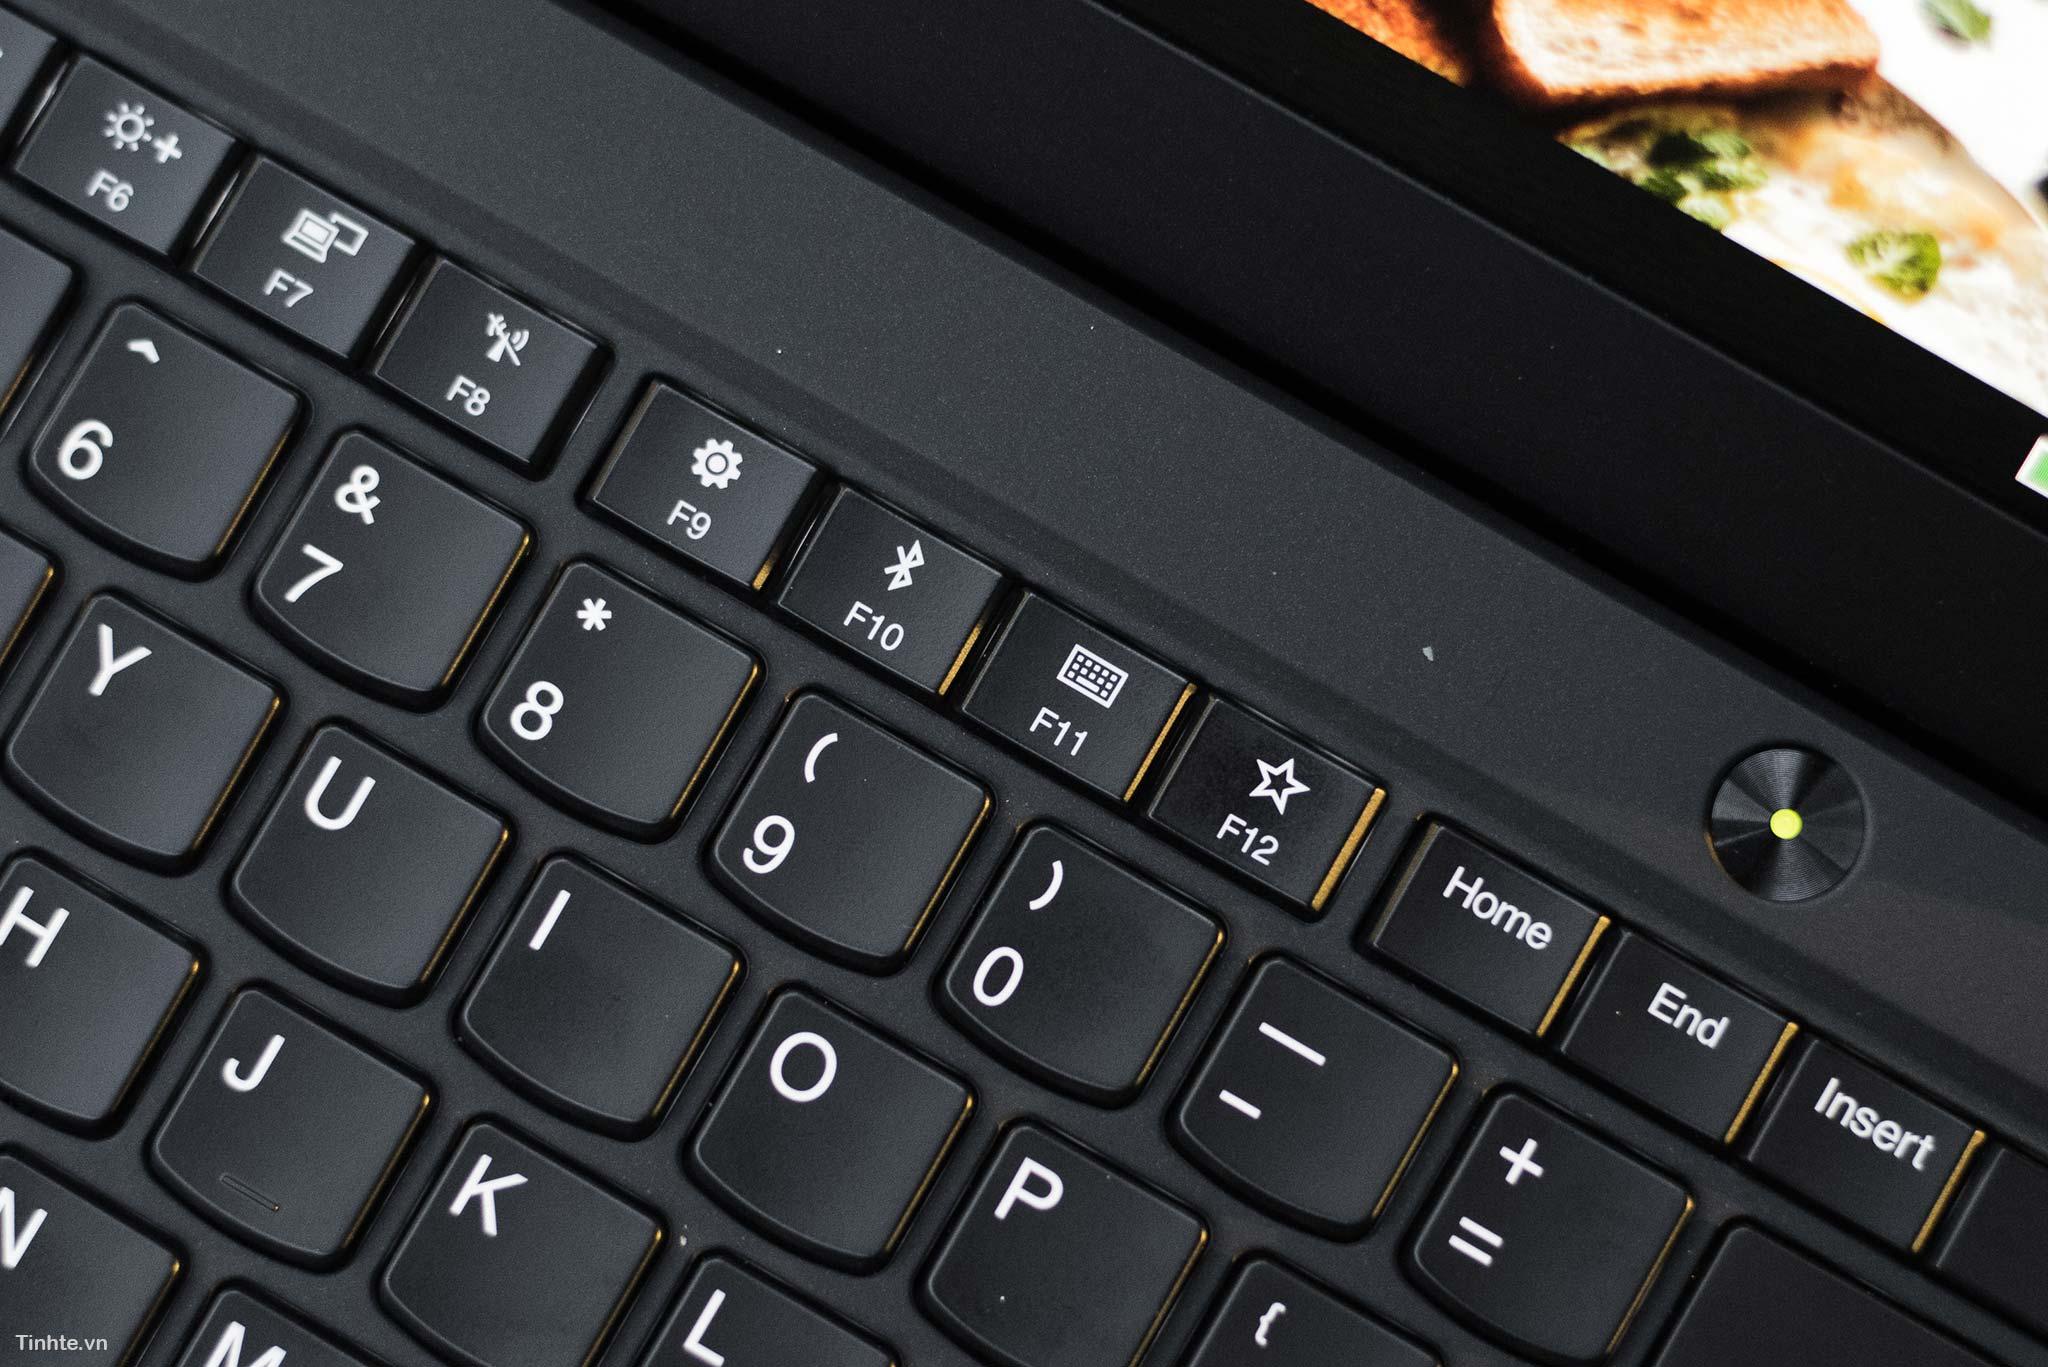 ThinkPad X1 cacbon - laptop cao cấp cho doanh nhân 40653411